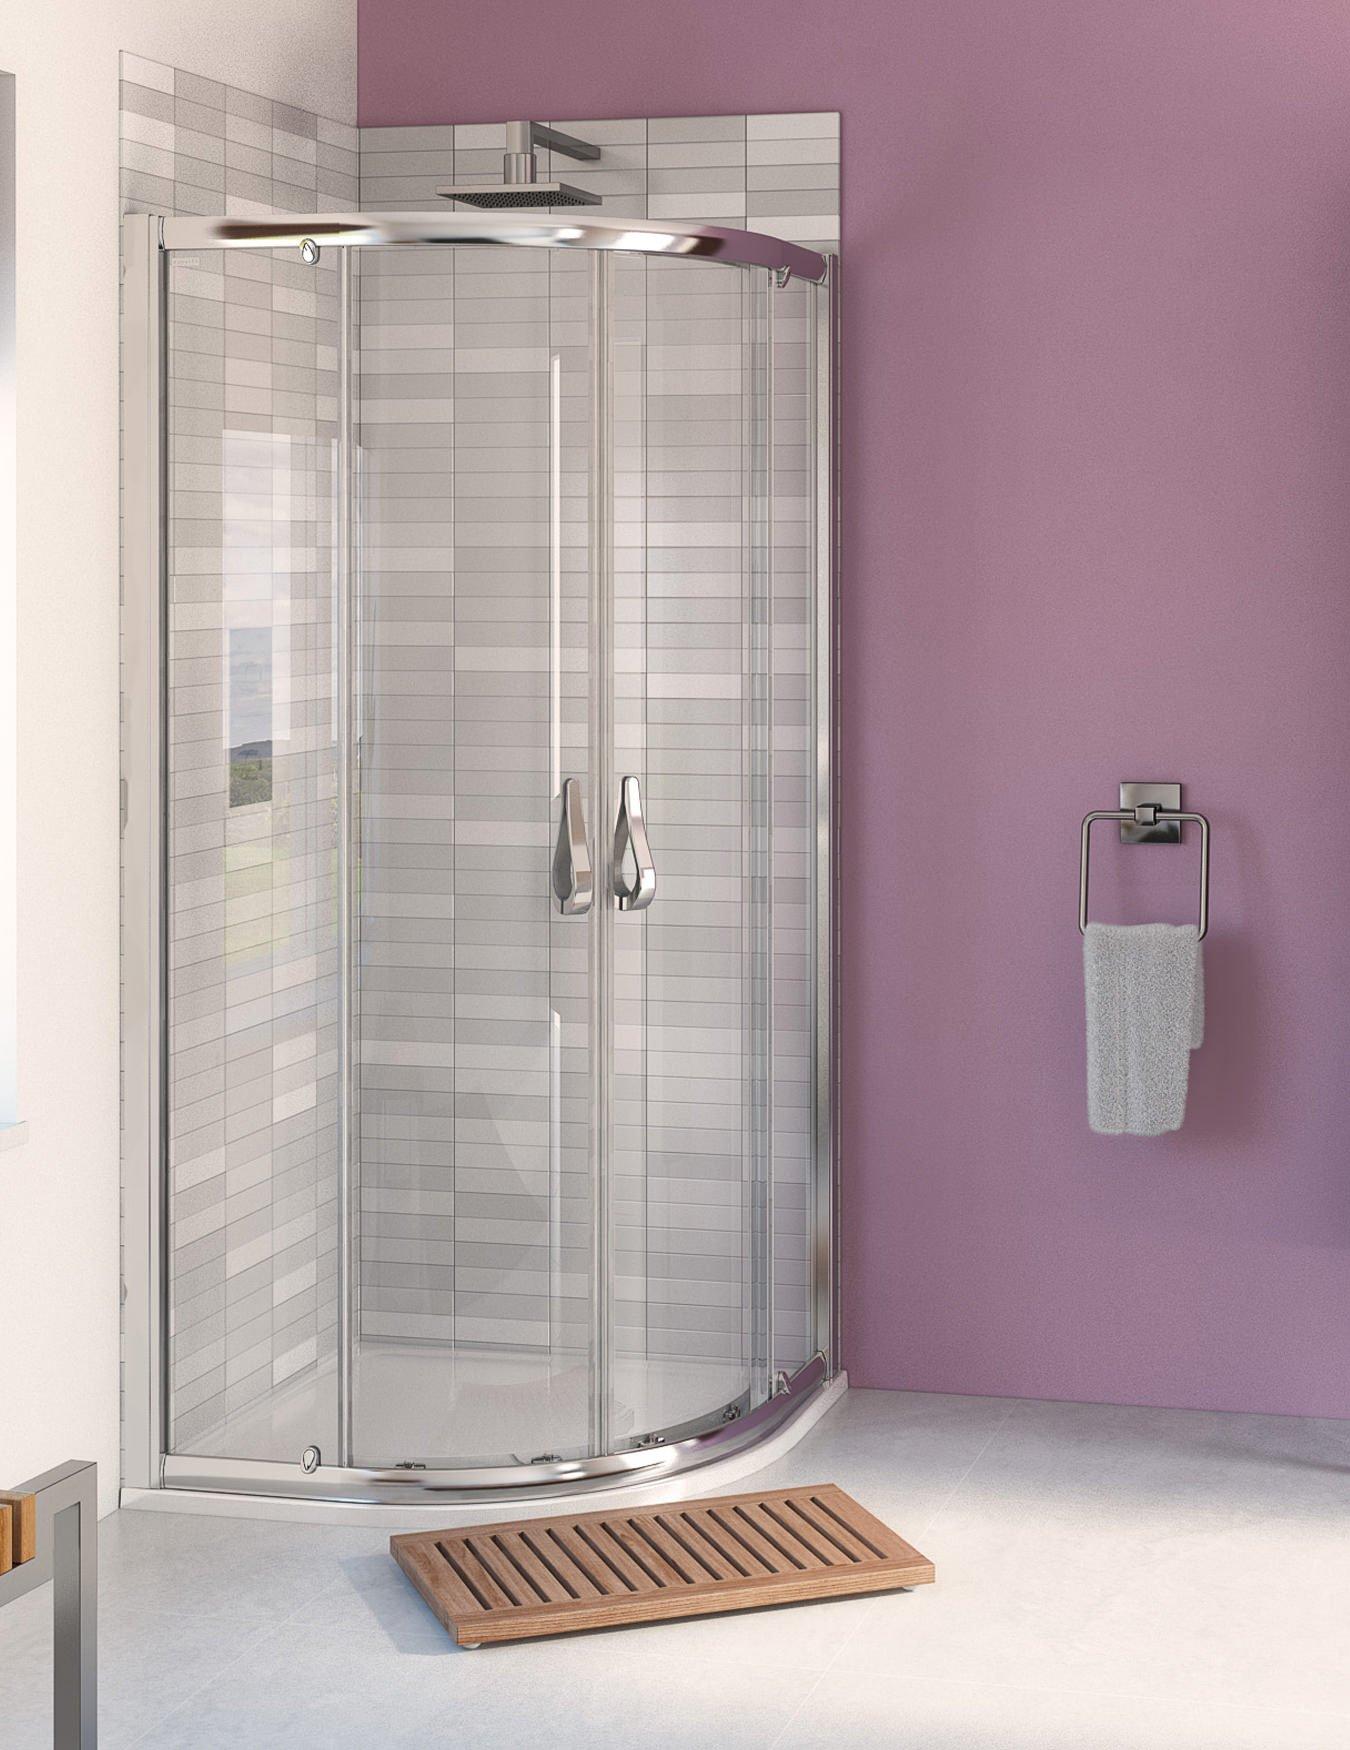 Aqualux Aqua 6 Showers   Aqua 6 Quadrants   Shower Doors   Bath Screens